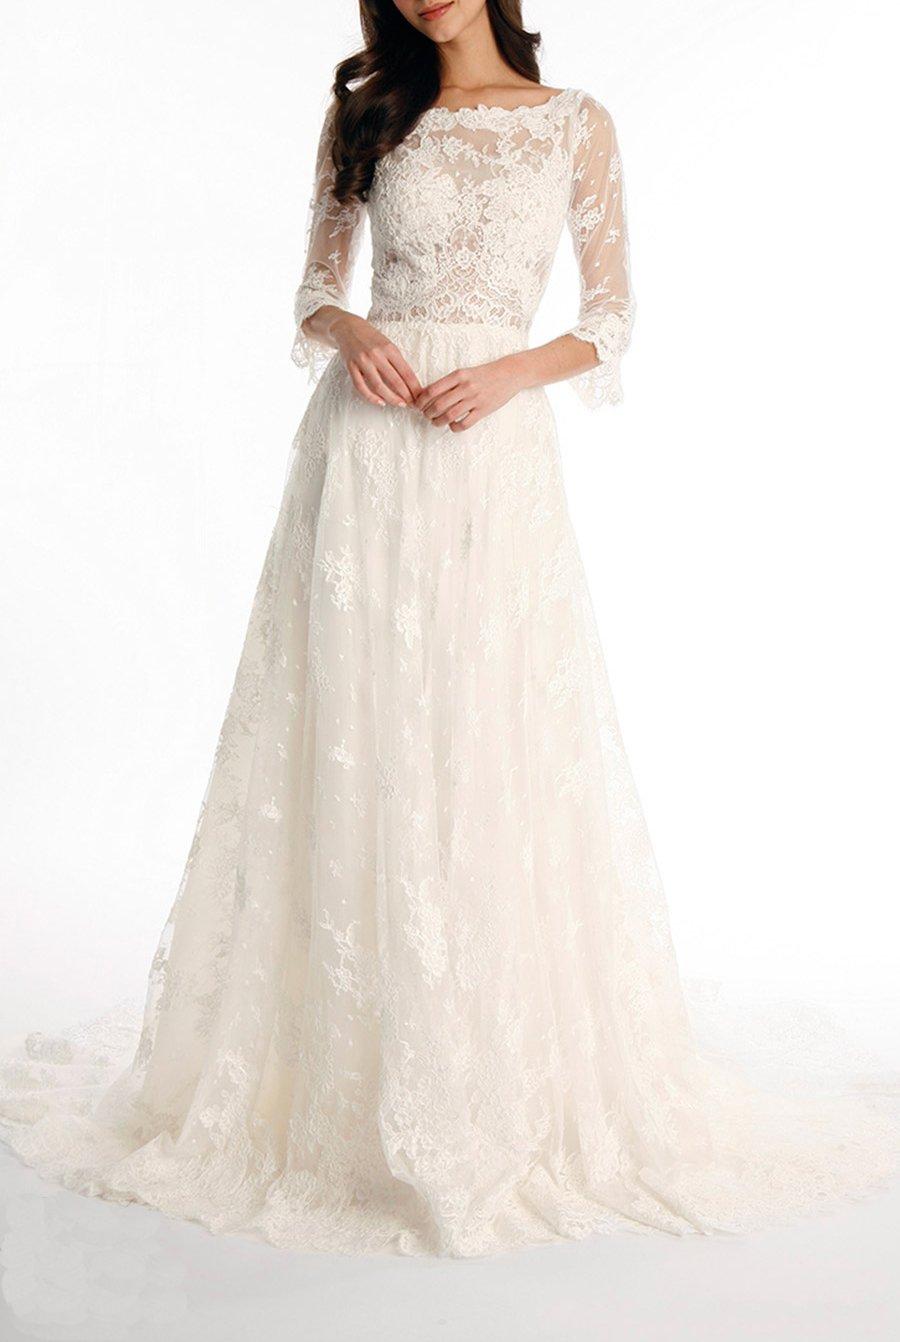 Tsbridal Lace Wedding Dress 2017 3/4 Sleeves Bohemian Wedding DressXC043-Ivory26